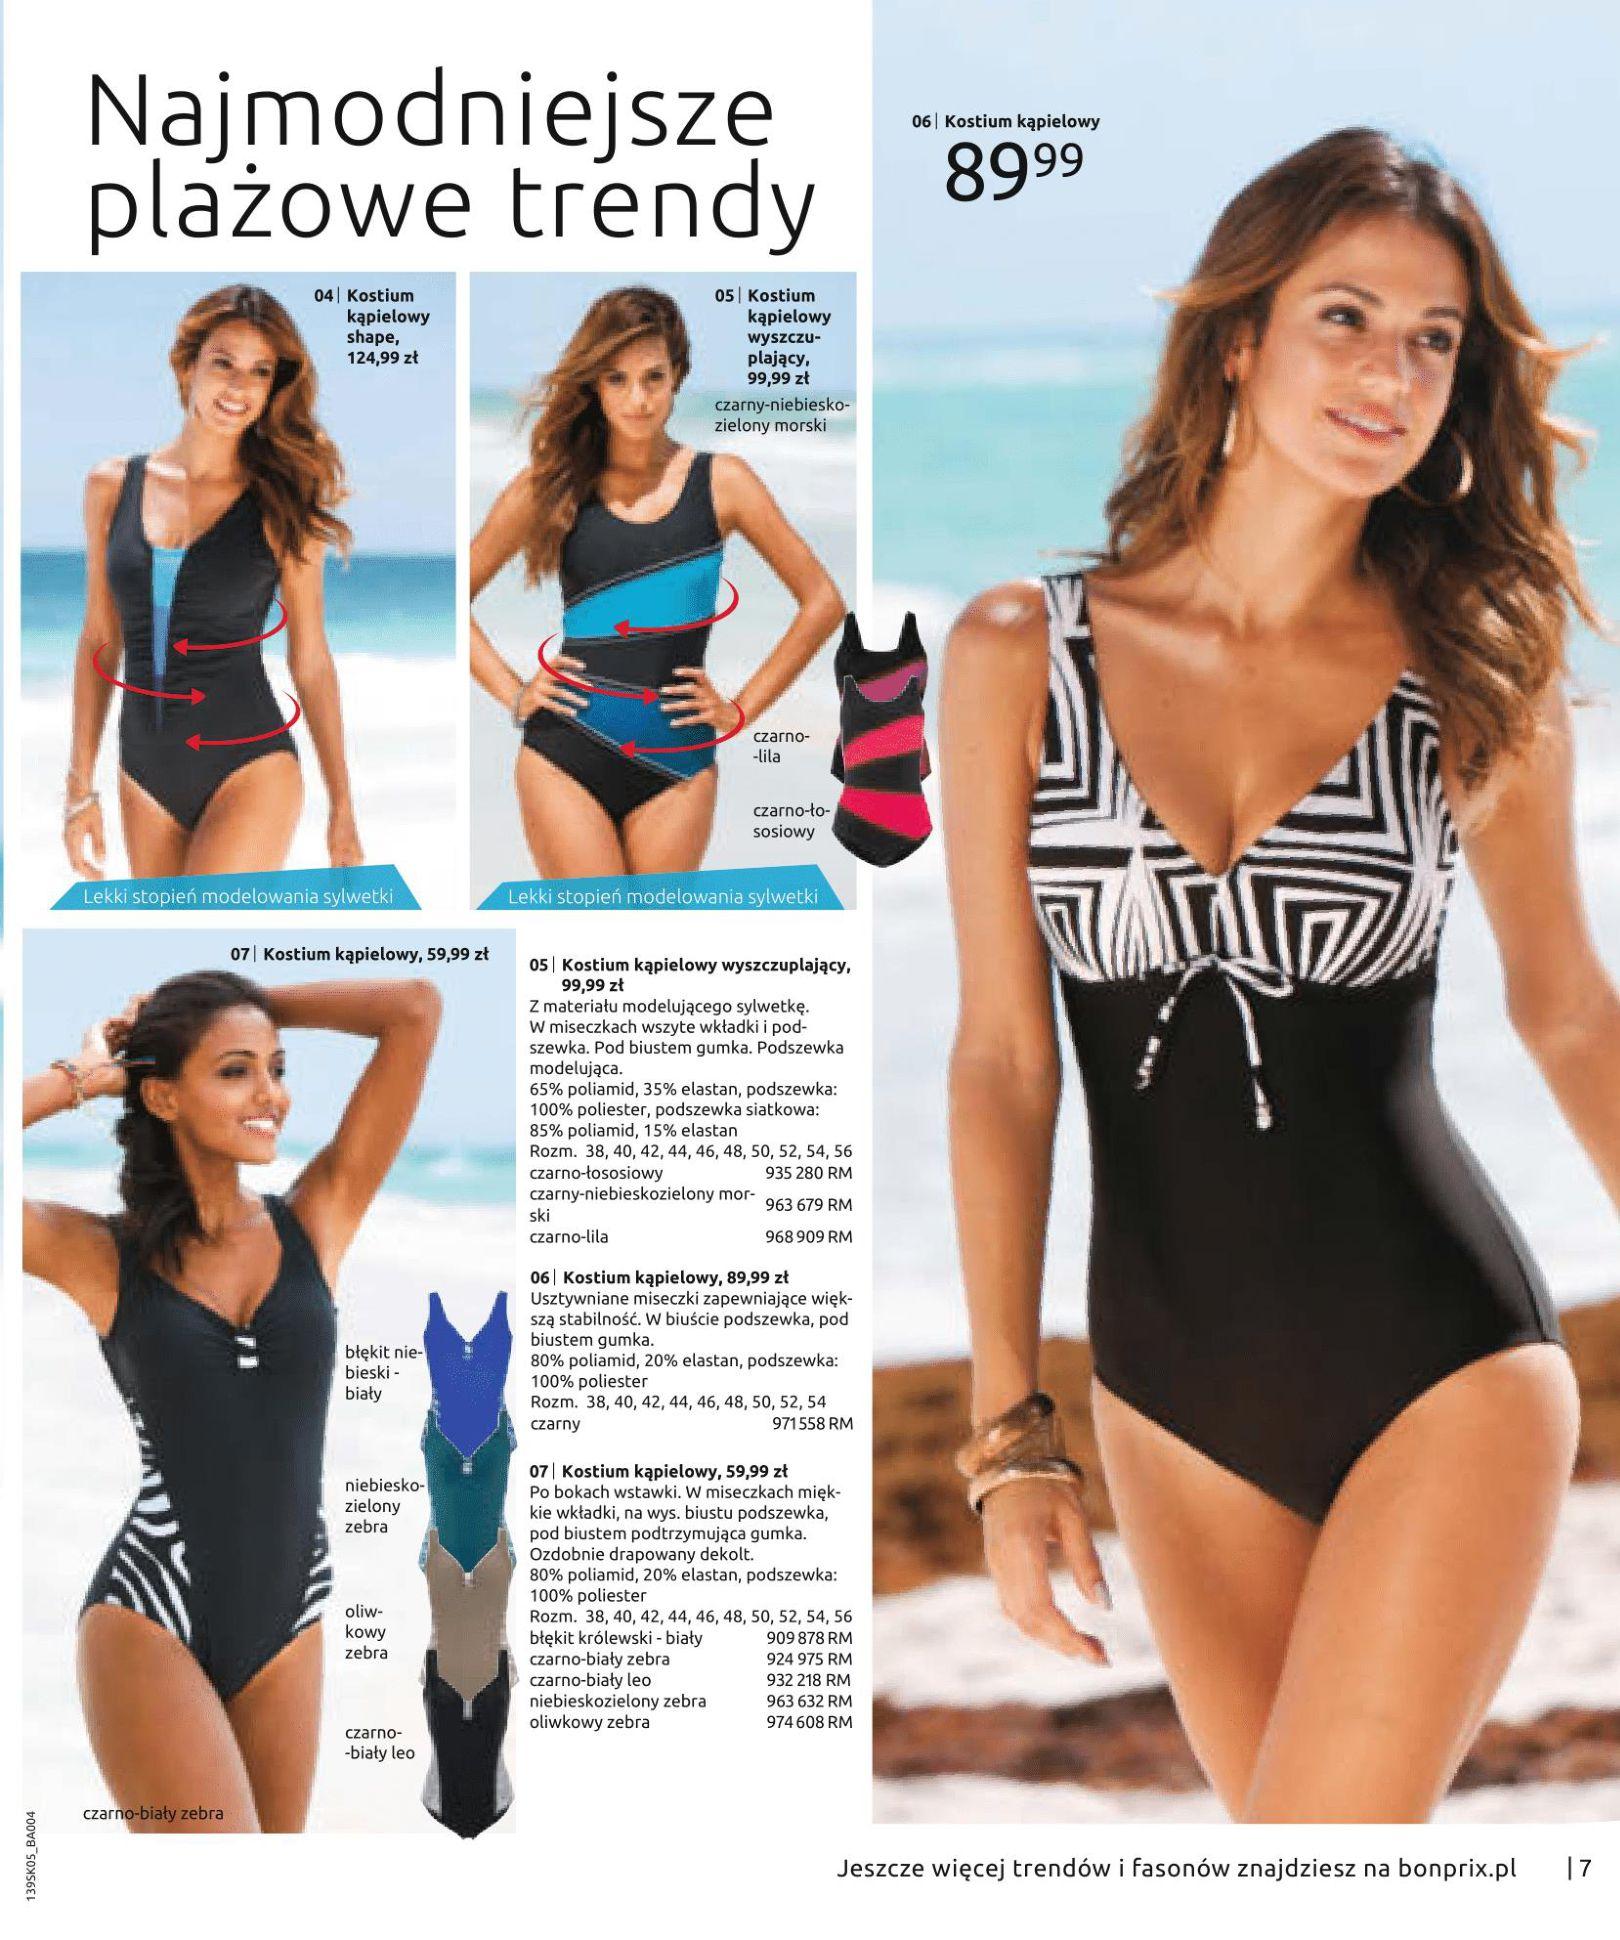 Gazetka Bonprix - Nadchodzi lato!-02.07.2019-20.11.2019-page-